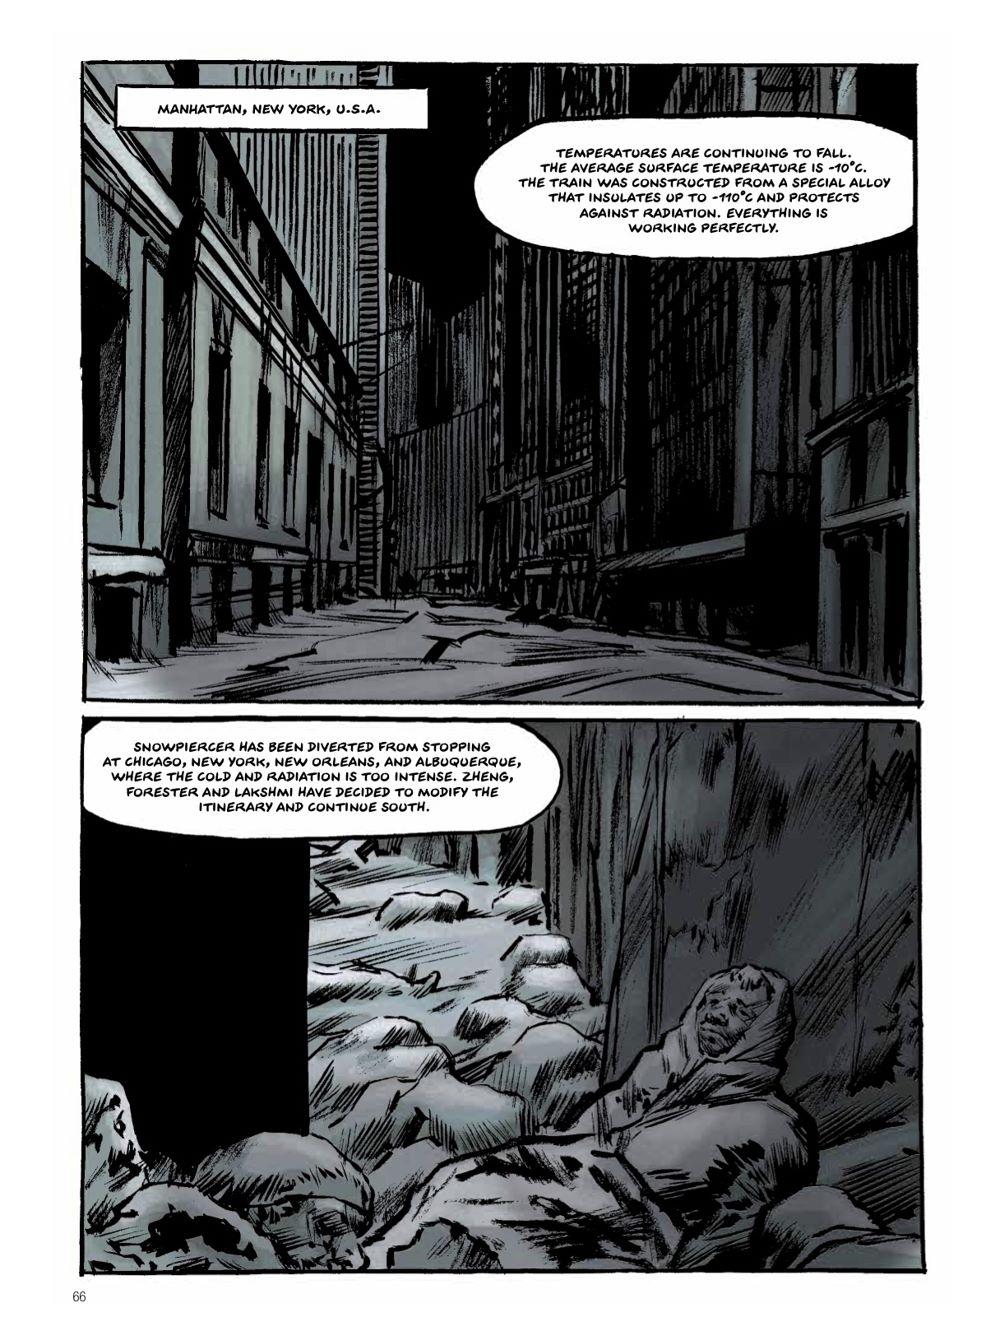 Snowpiercer-Prequel-Vol.-2-Page-5 ComicList Previews: SNOWPIERCER THE PREQUEL VOLUME 2 APOCALYPSE GN